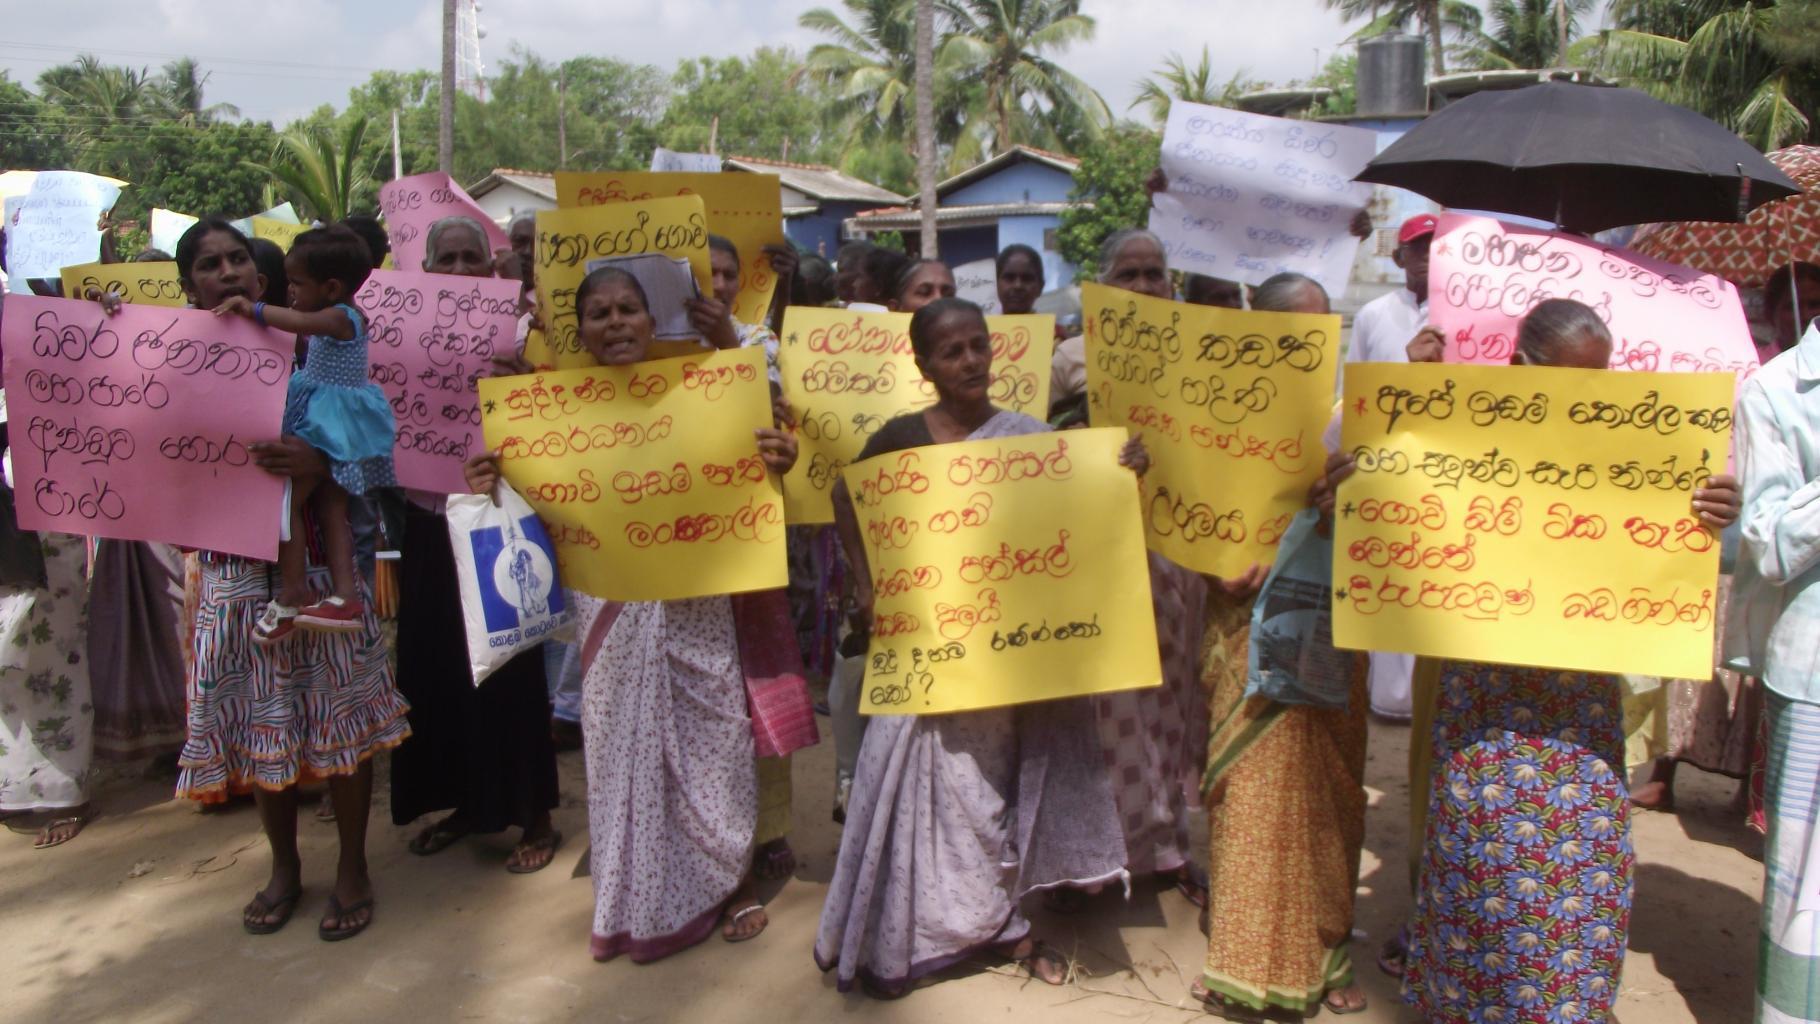 Frauen und Männer protestieren mit Schildern gegen Landraub